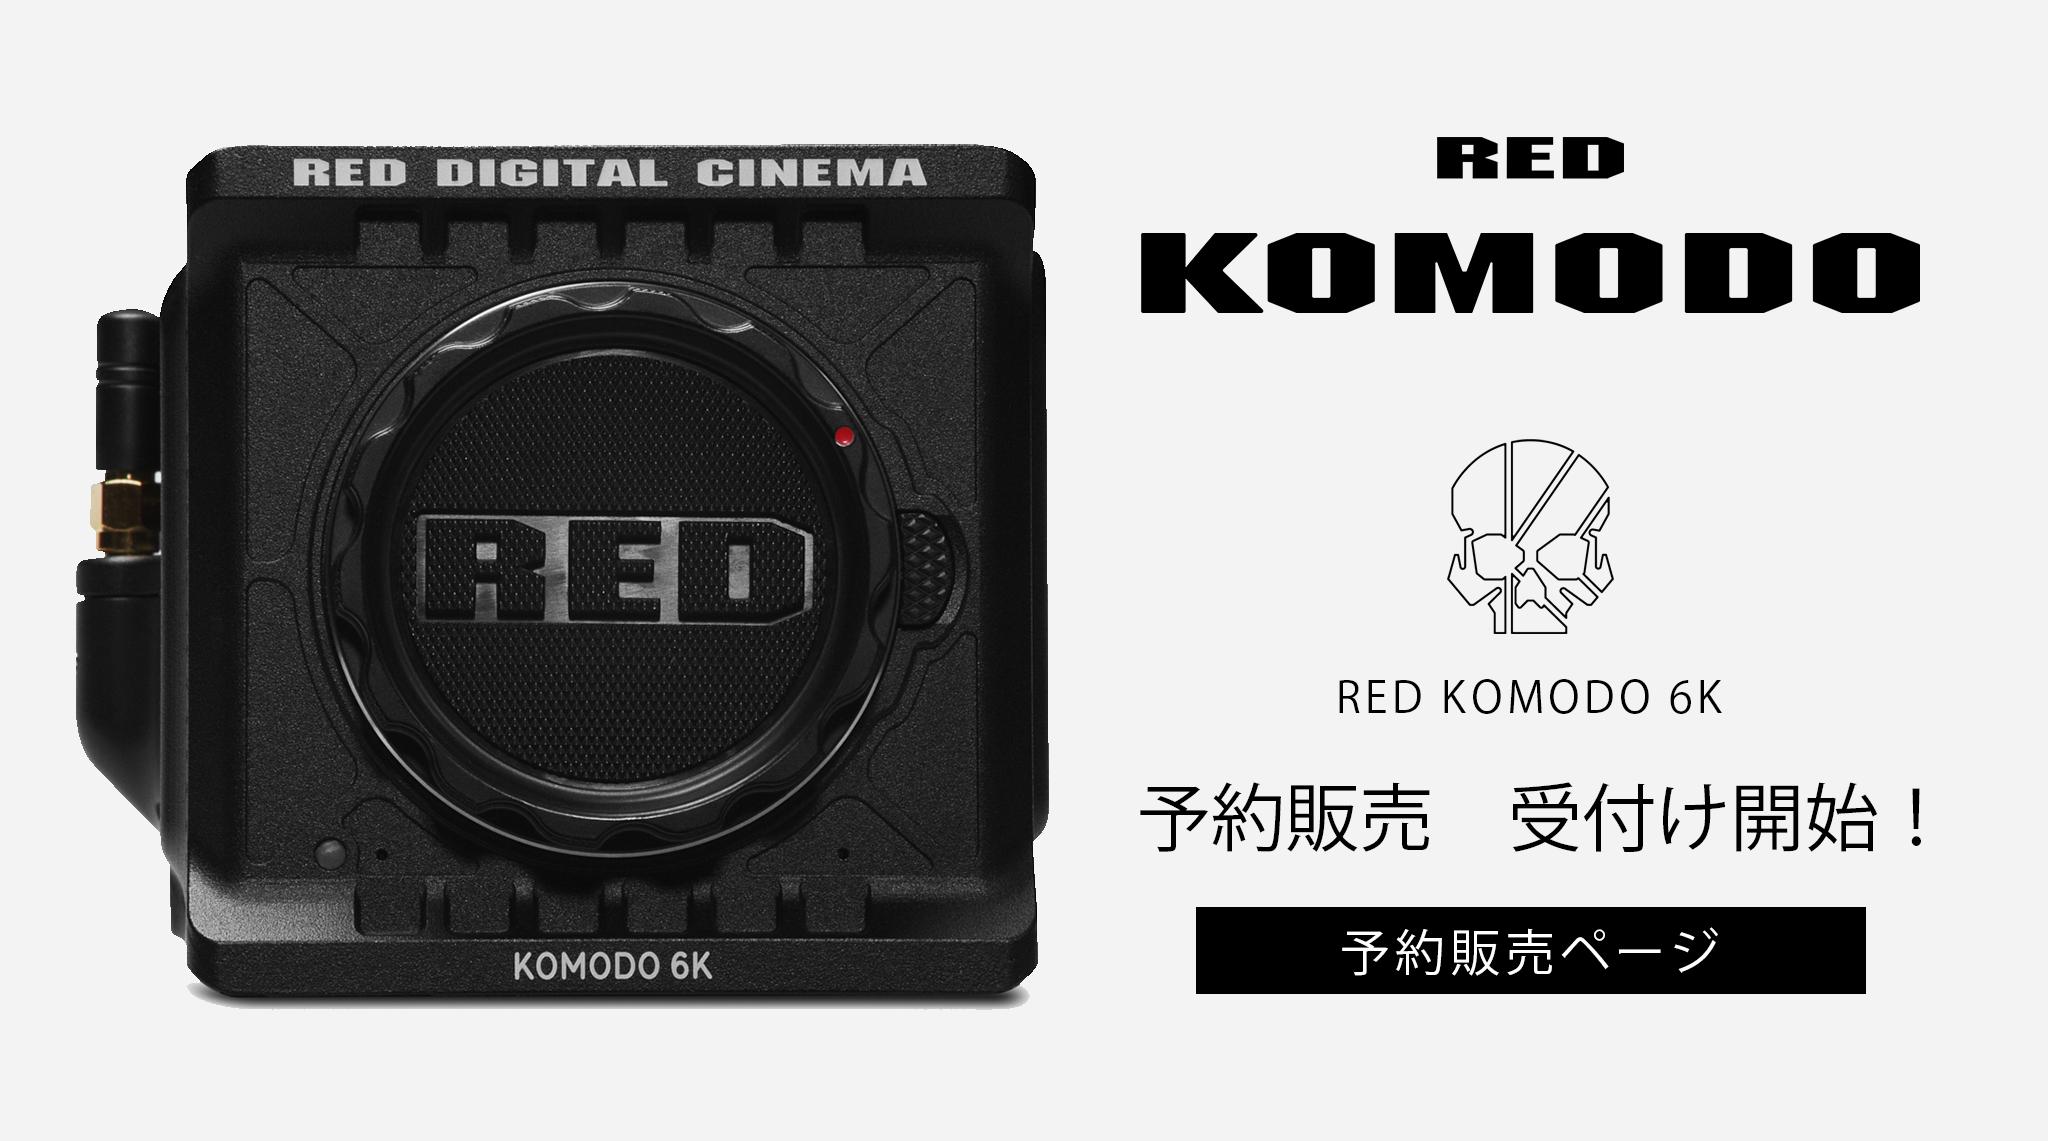 RED KOMODO™️ 予約販売開始